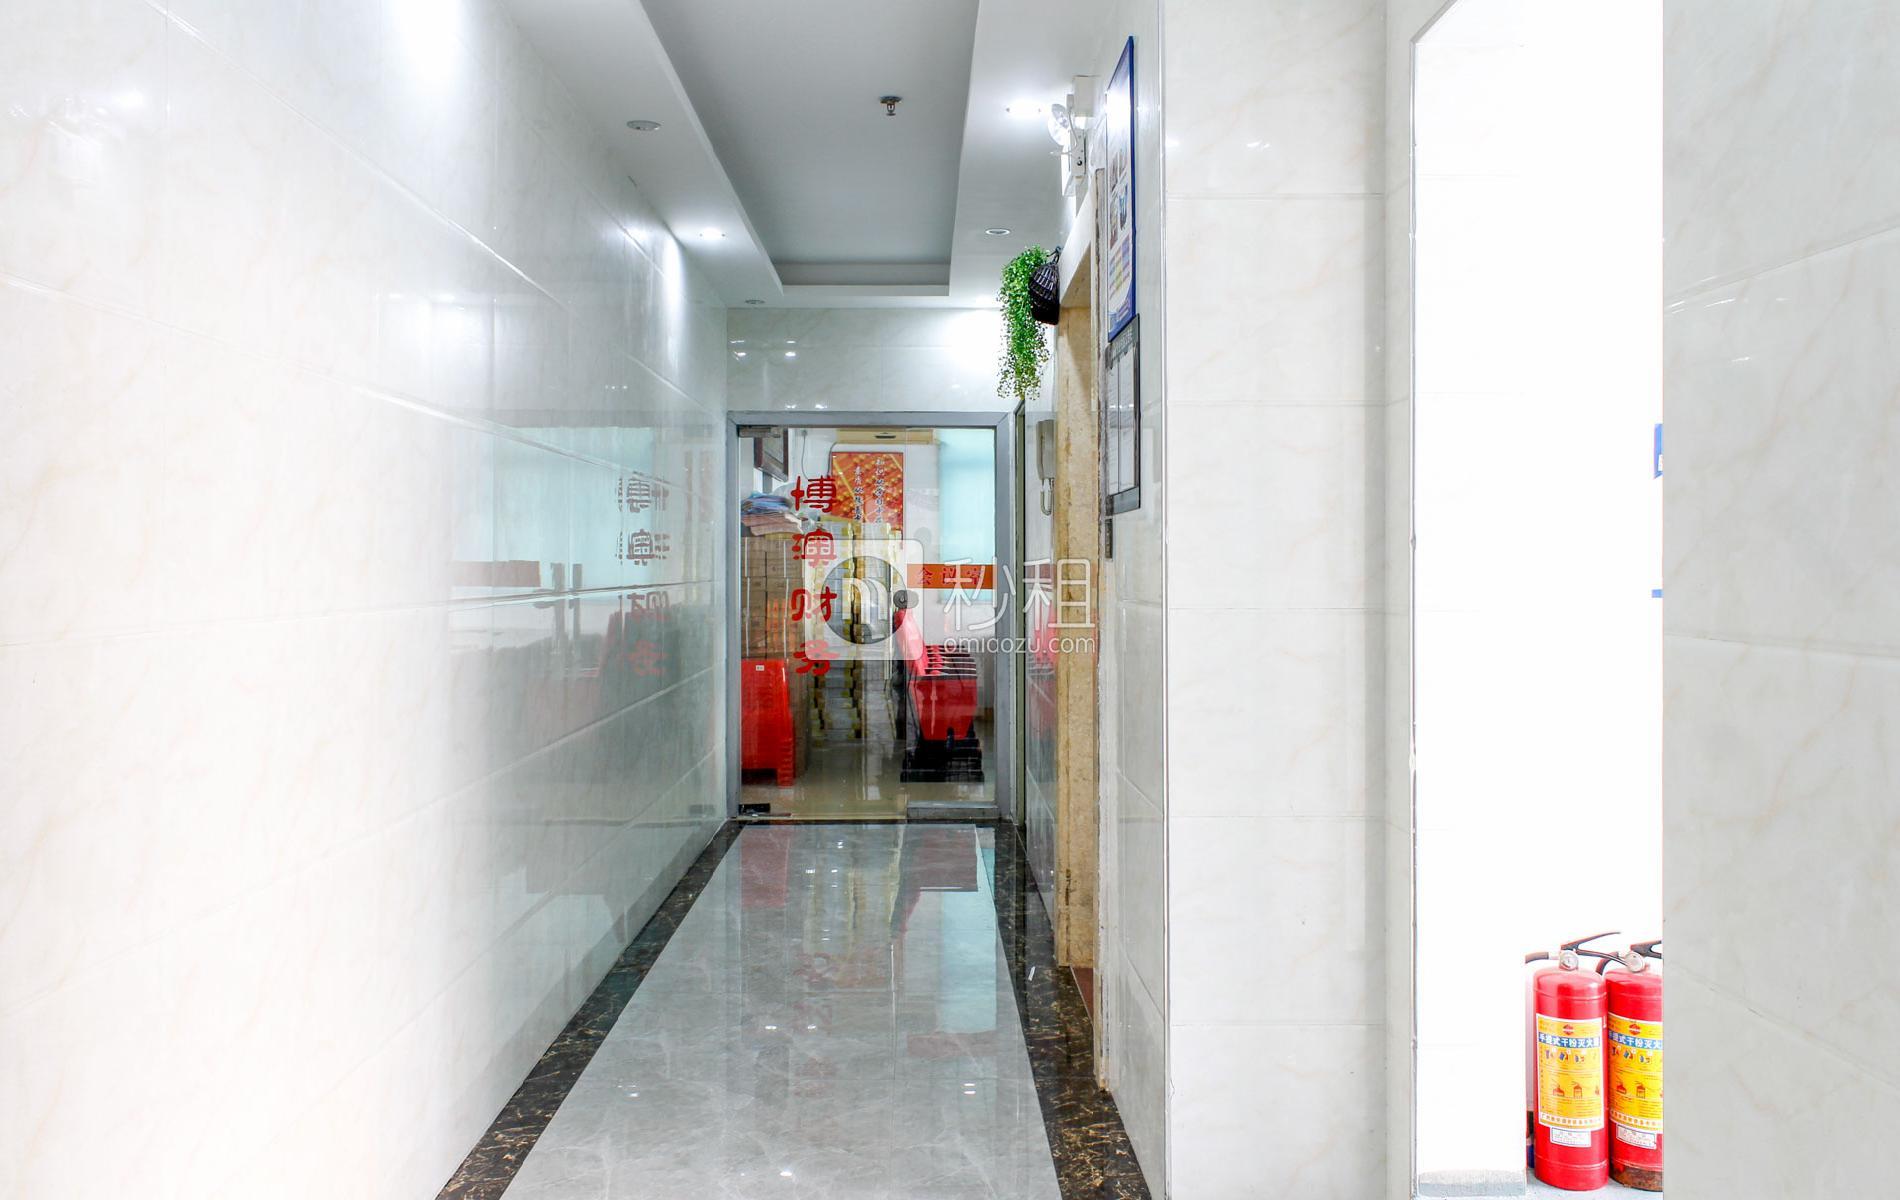 六六六创业社区写字楼出租/招租/租赁,六六六创业社区办公室出租/招租/租赁